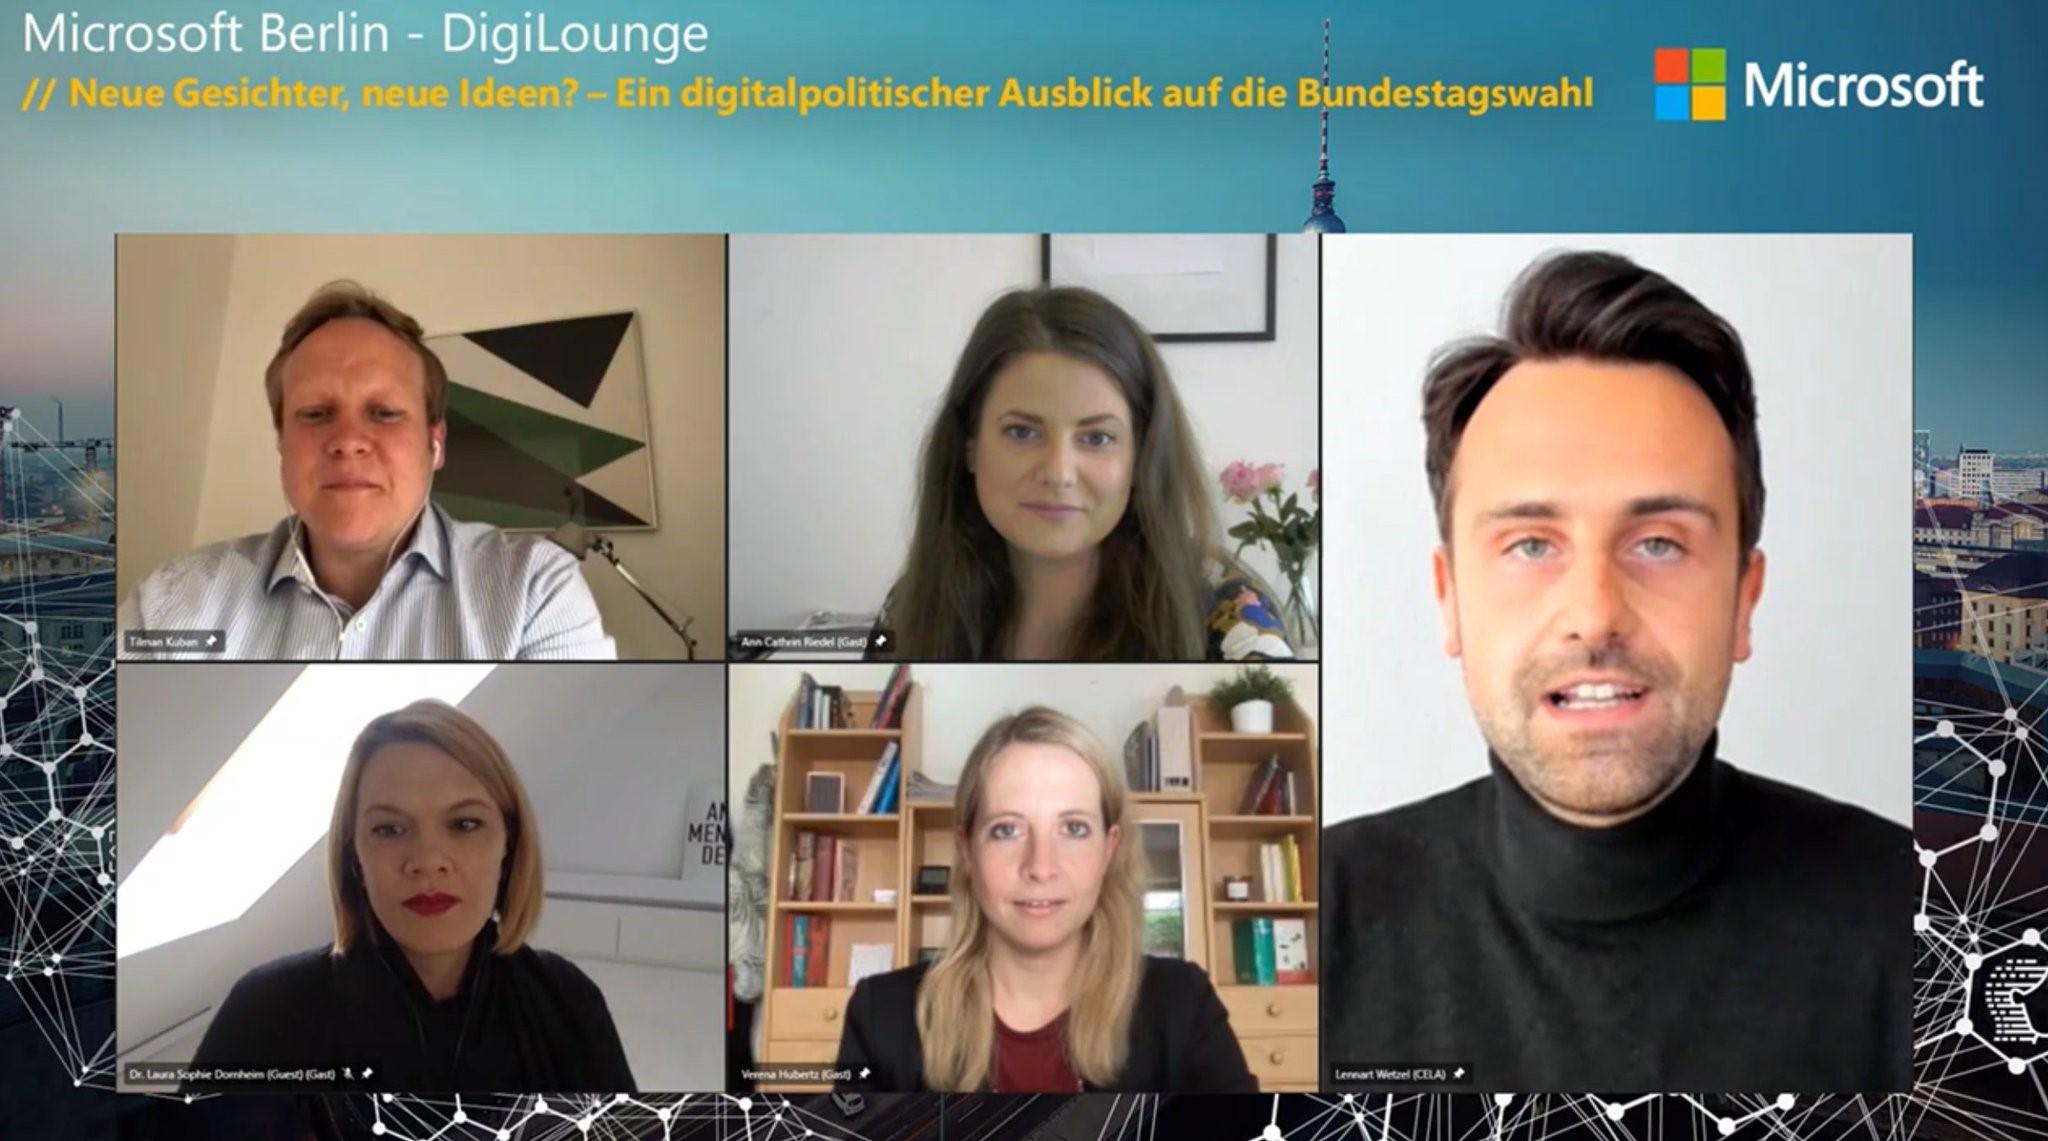 Thumbnail zu DigiLounge // Neue Gesichter, neue Ideen? – Ein digitalpolitischer Ausblick auf die Bundestagswahl